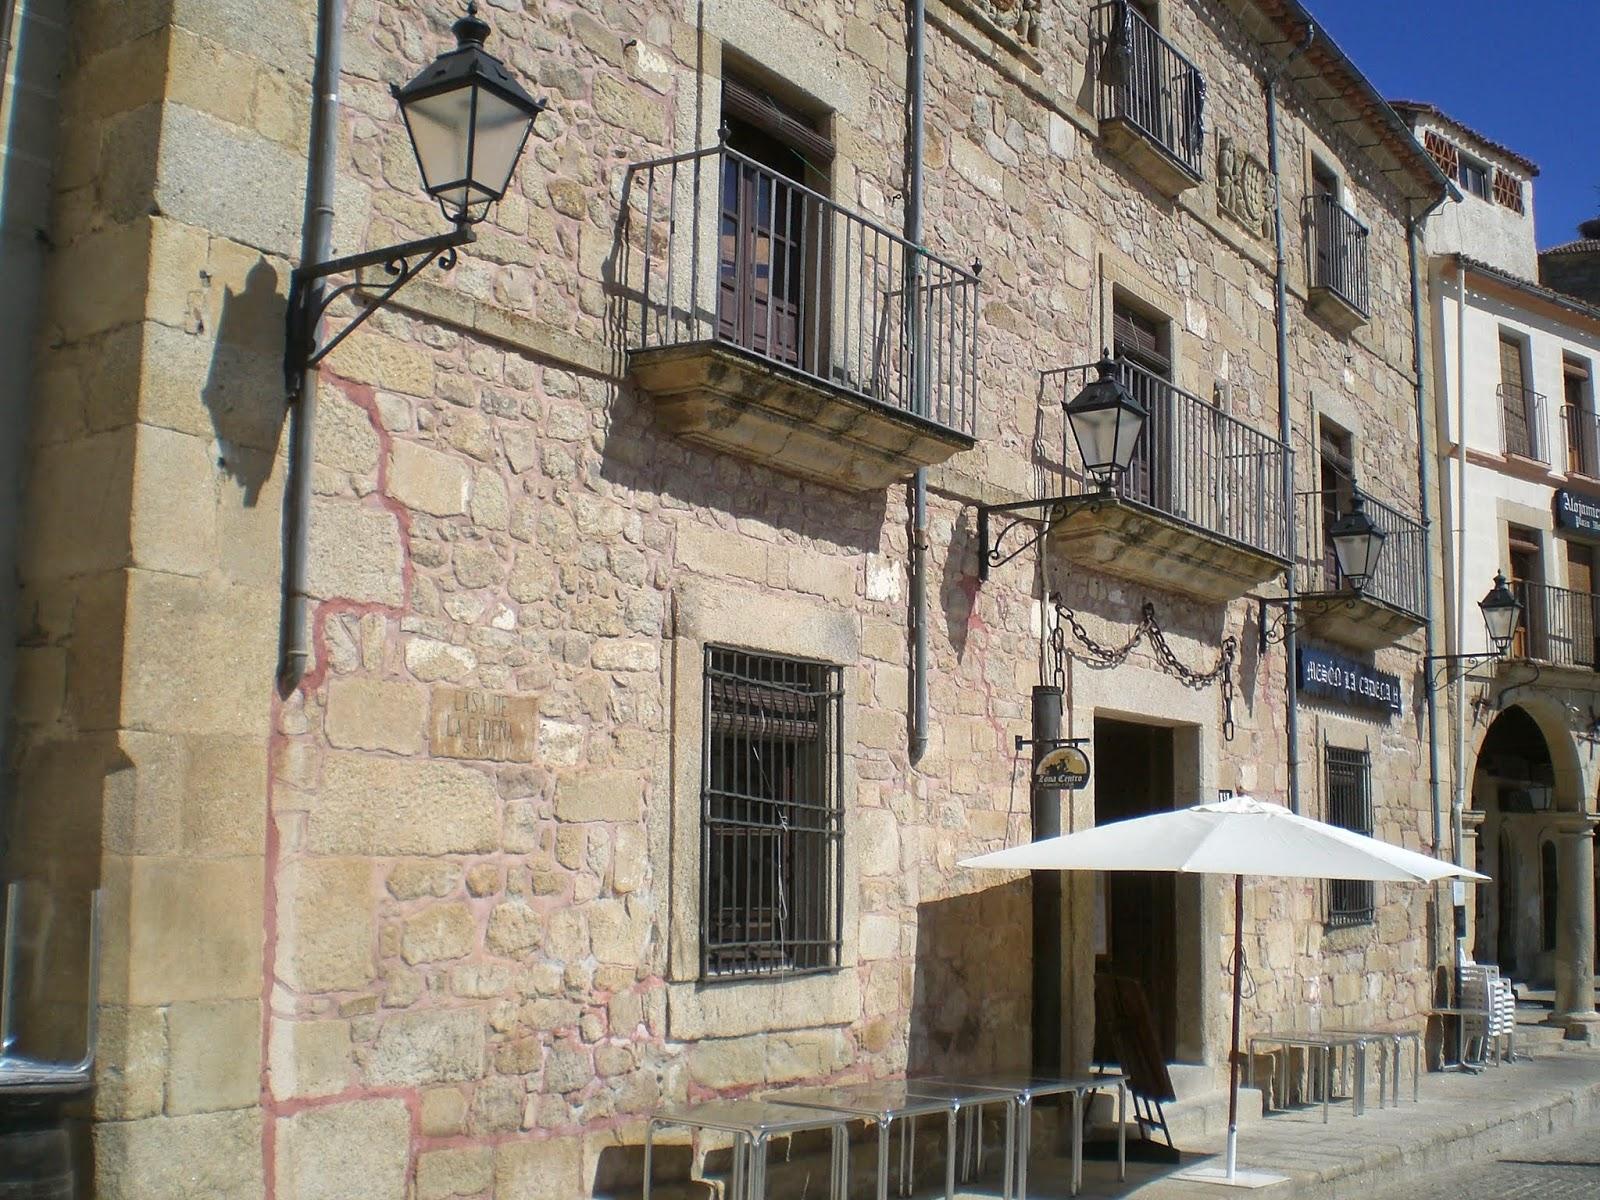 Leyendas de sevilla carmona las casas palacio de la ciudad i - Casa de la cadena ...